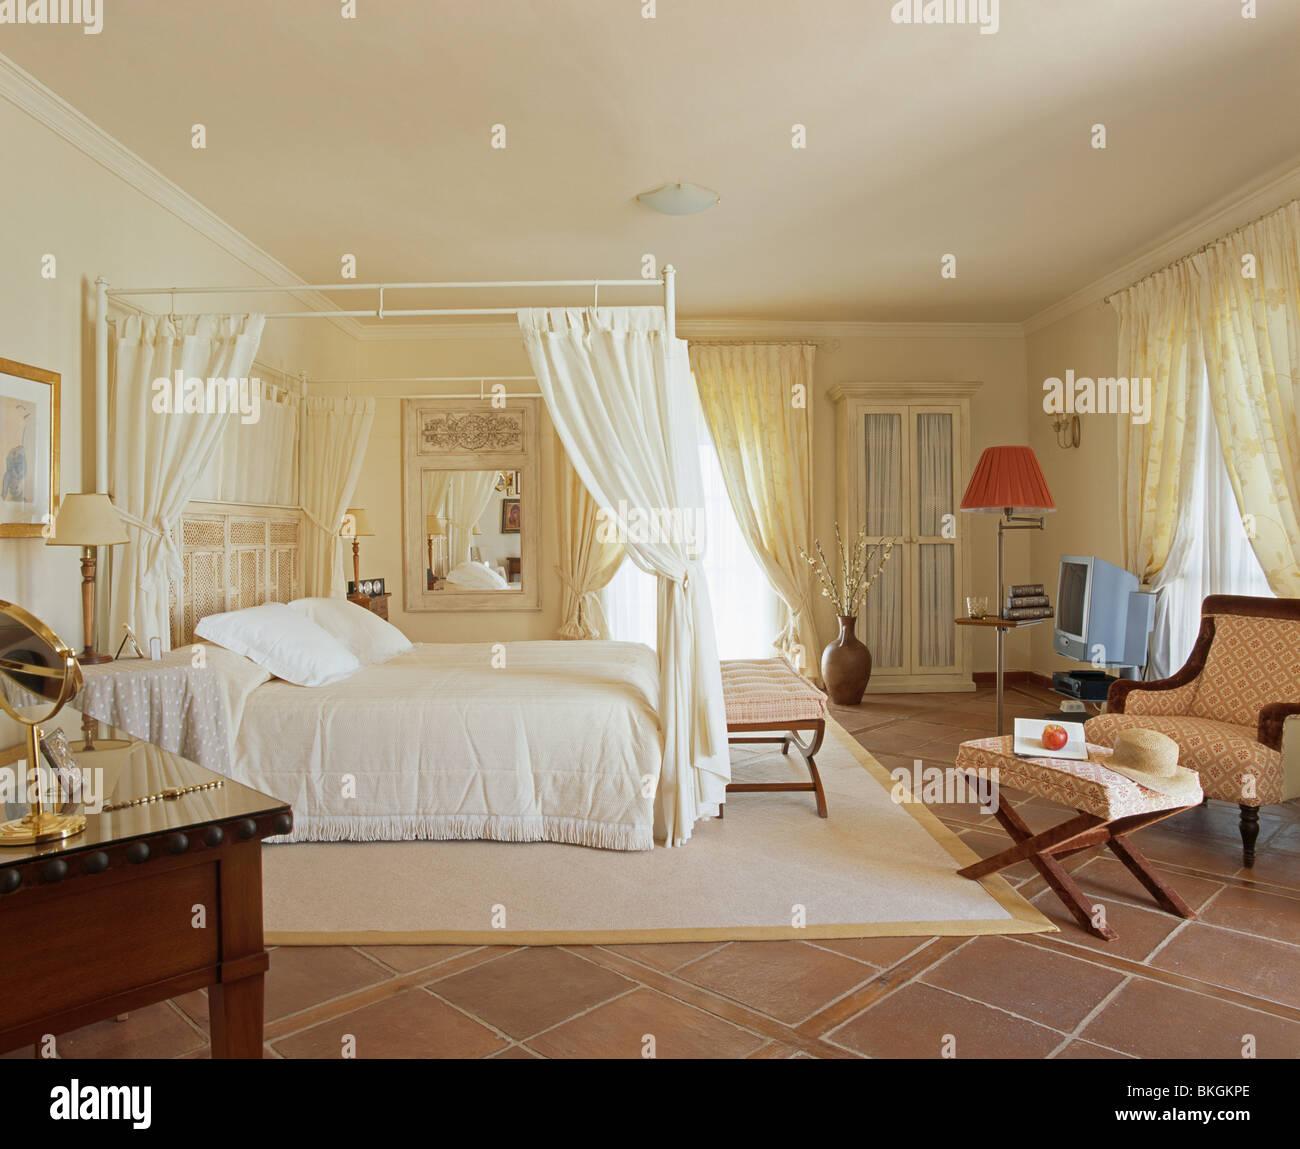 Gallery of moderno letto a baldacchino con drappi crema e biancheria da letto in spagnolo camera - Camera da letto in spagnolo ...